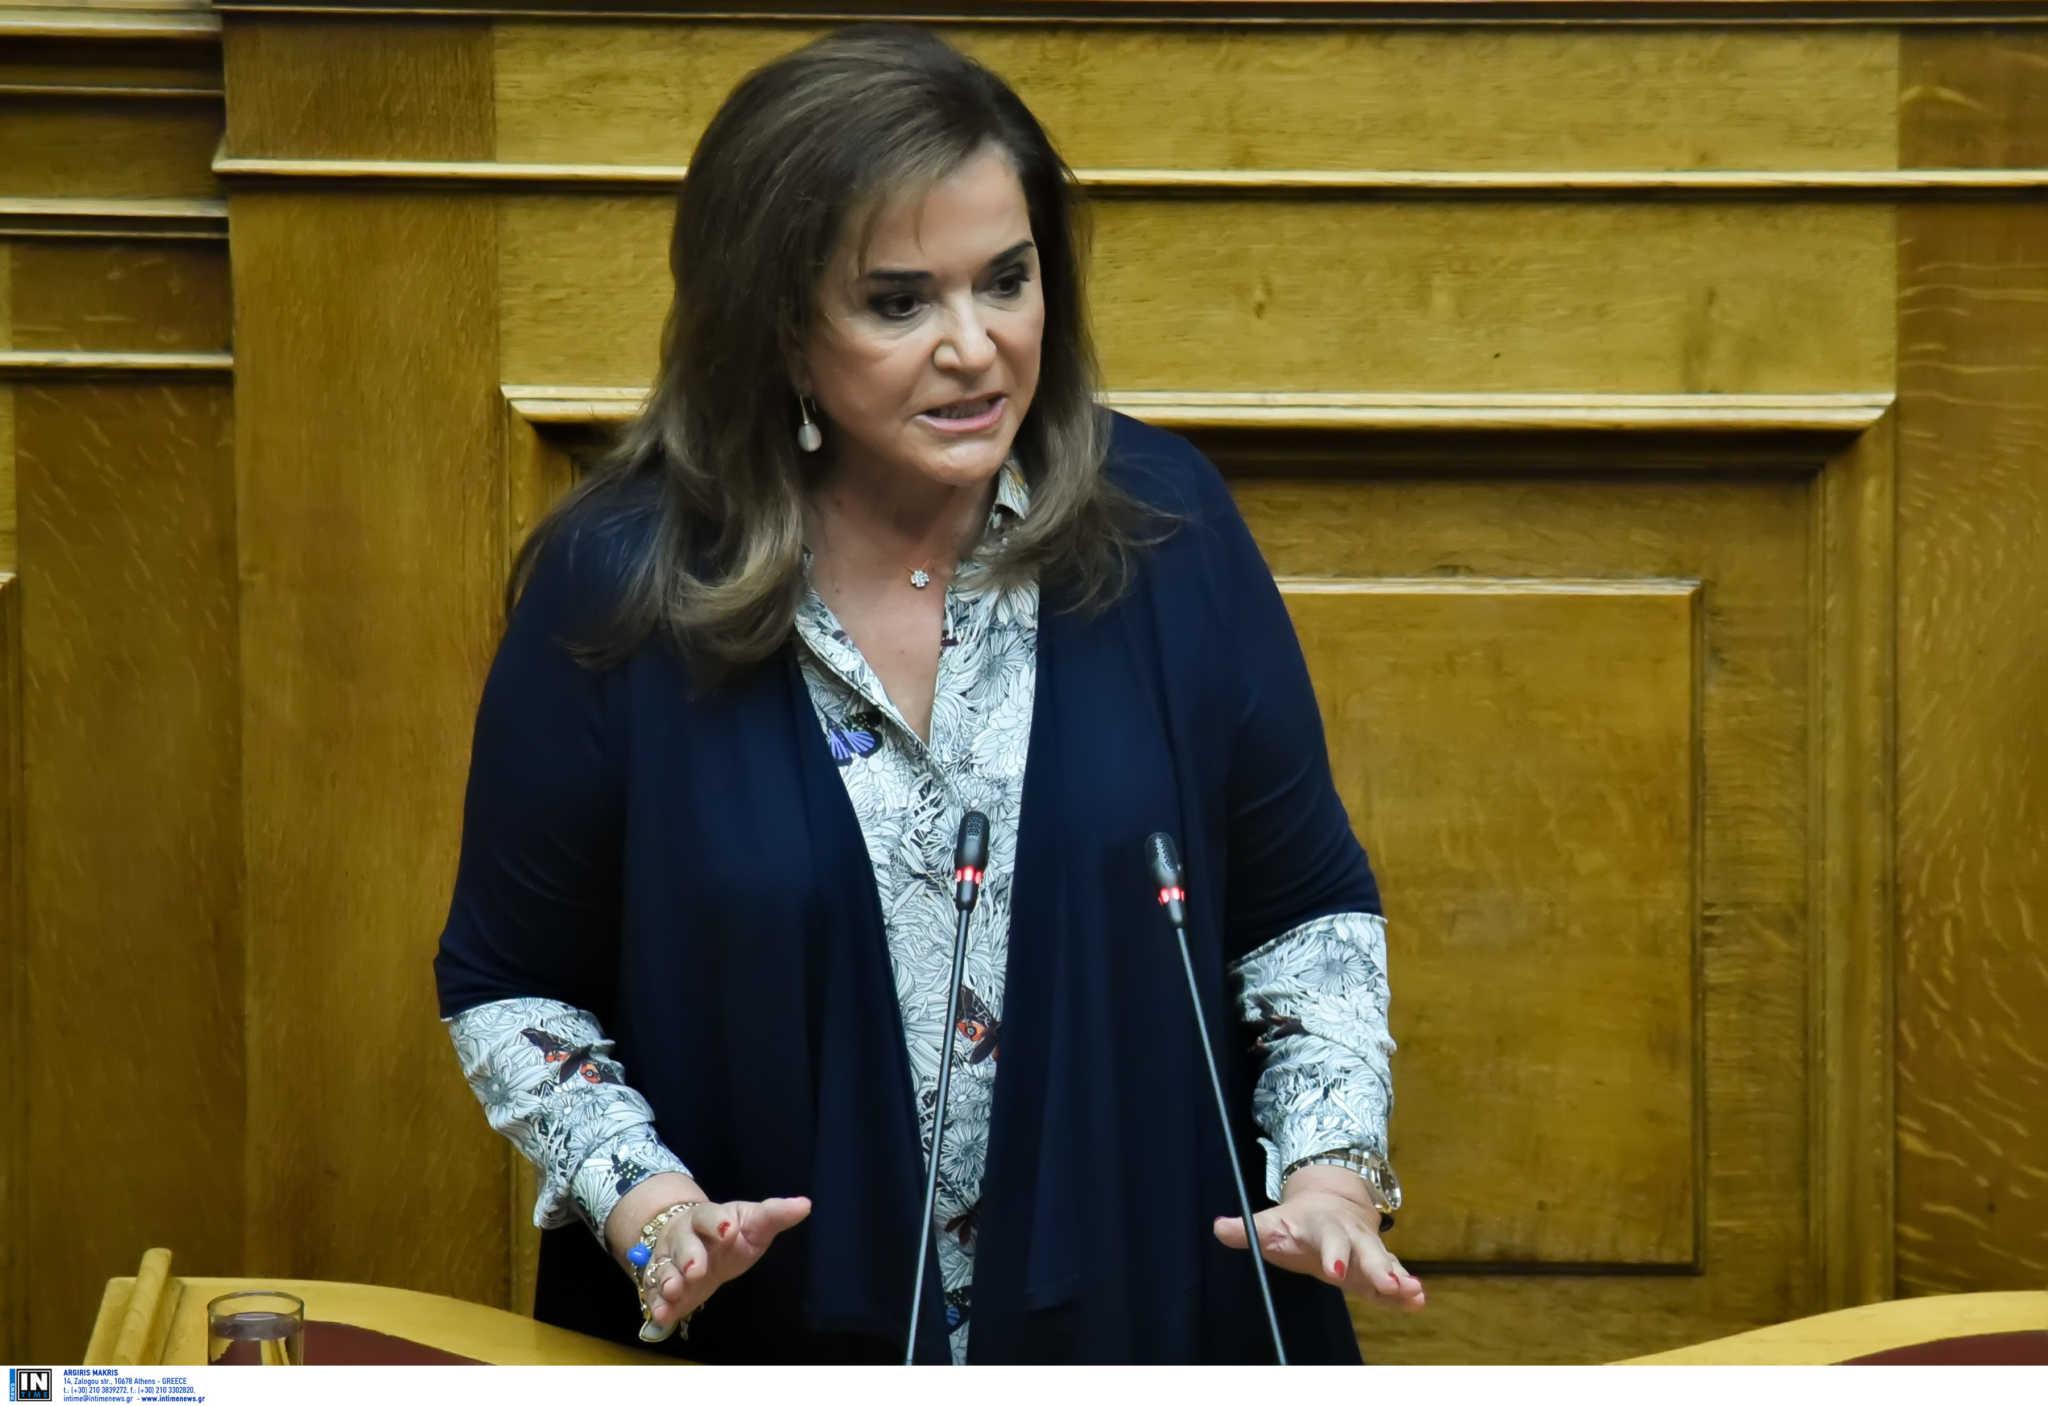 Μπακογιάννη: Δεν θα δεχτούμε πολιτικές που απειλούν την κυριαρχία μας